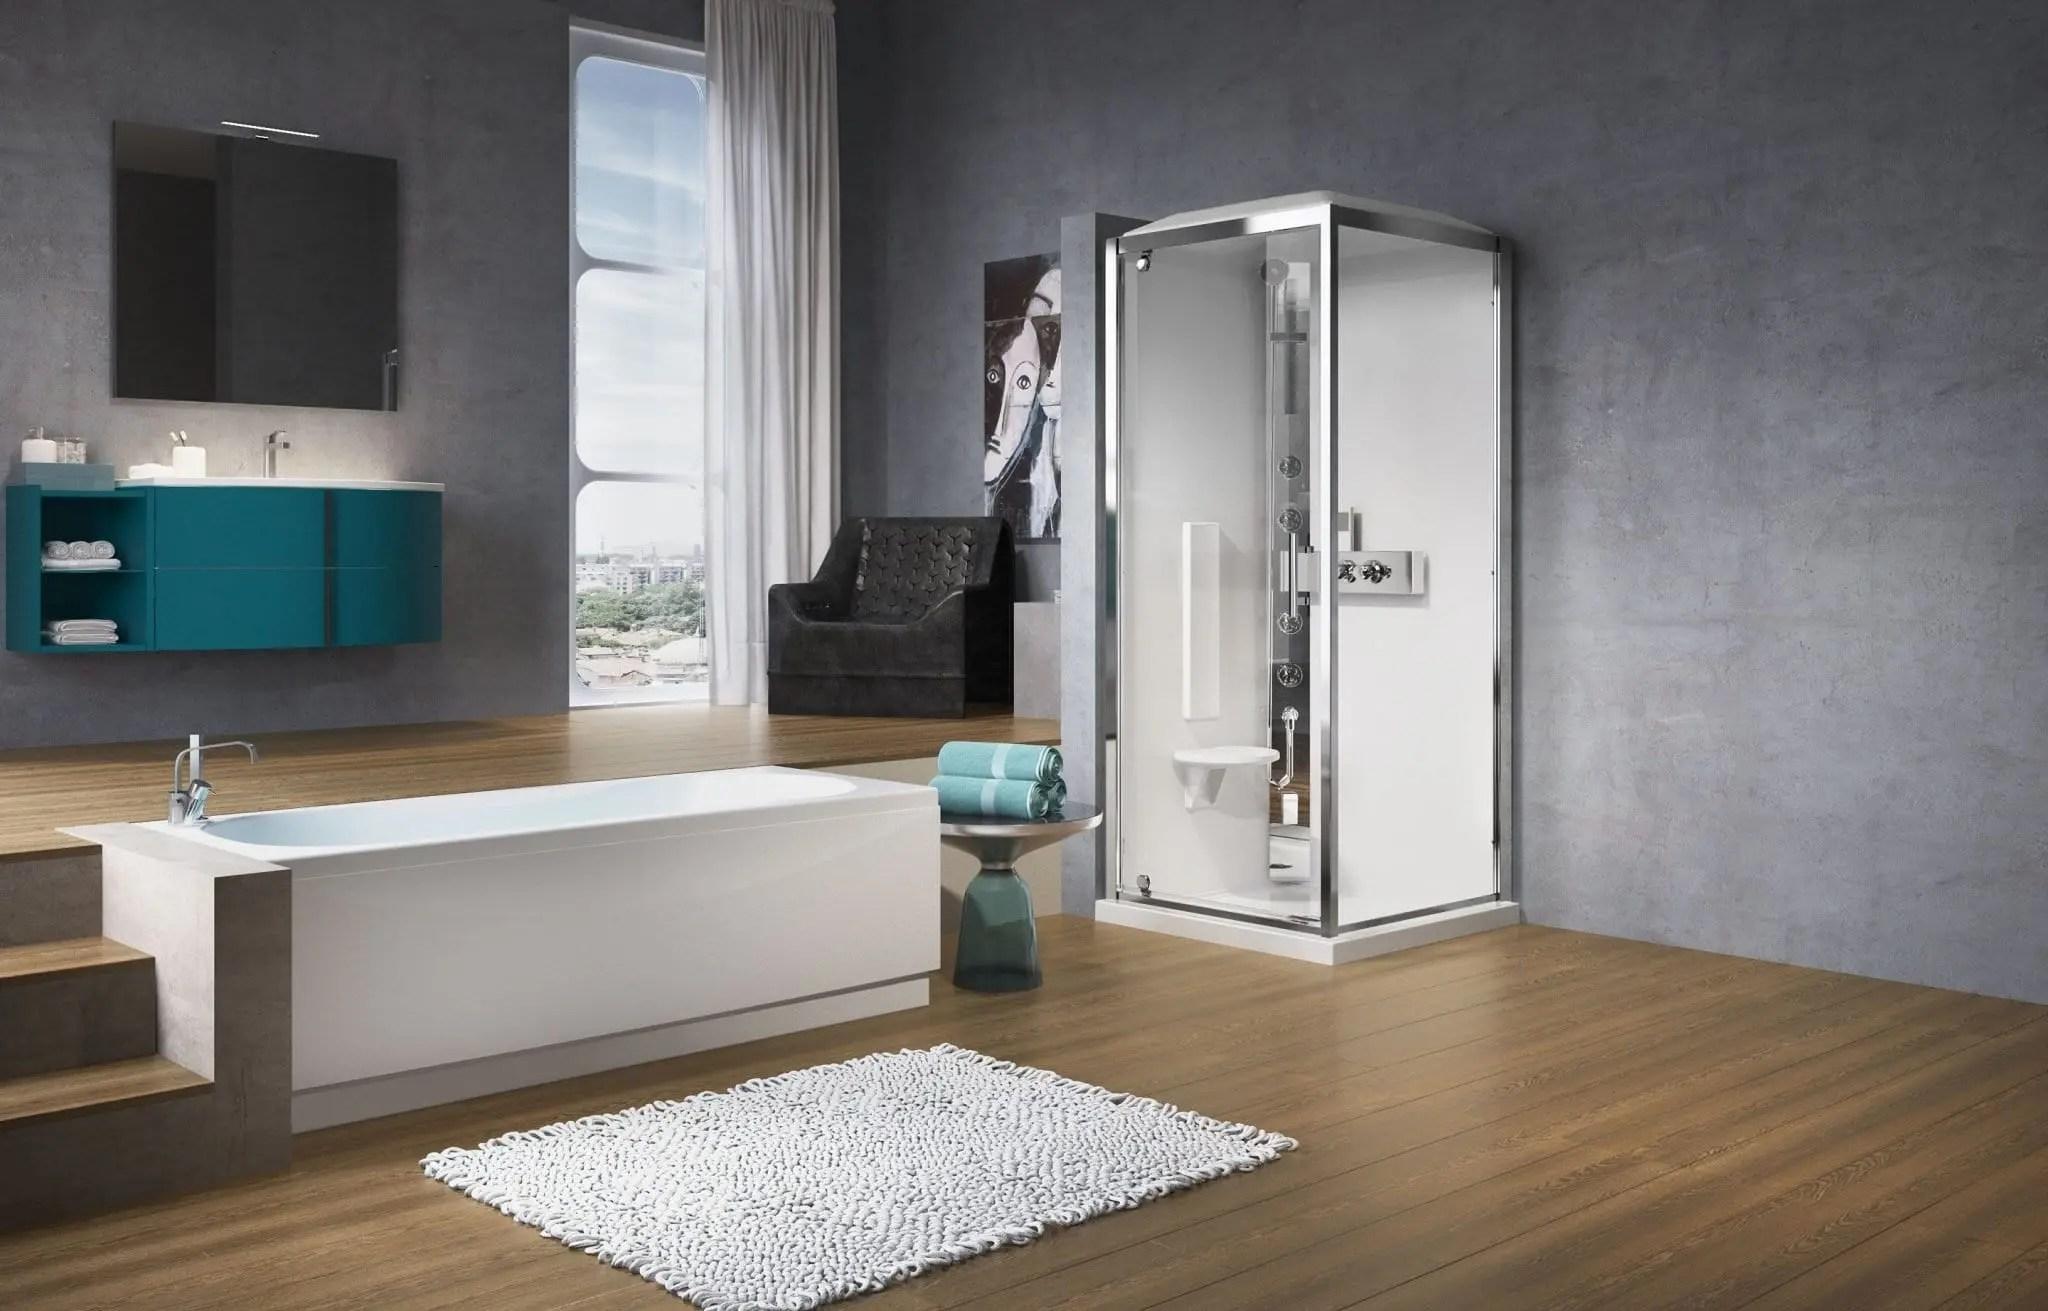 Cabina doccia rettangolare glax andhome by depr - Porta cabina doccia ...